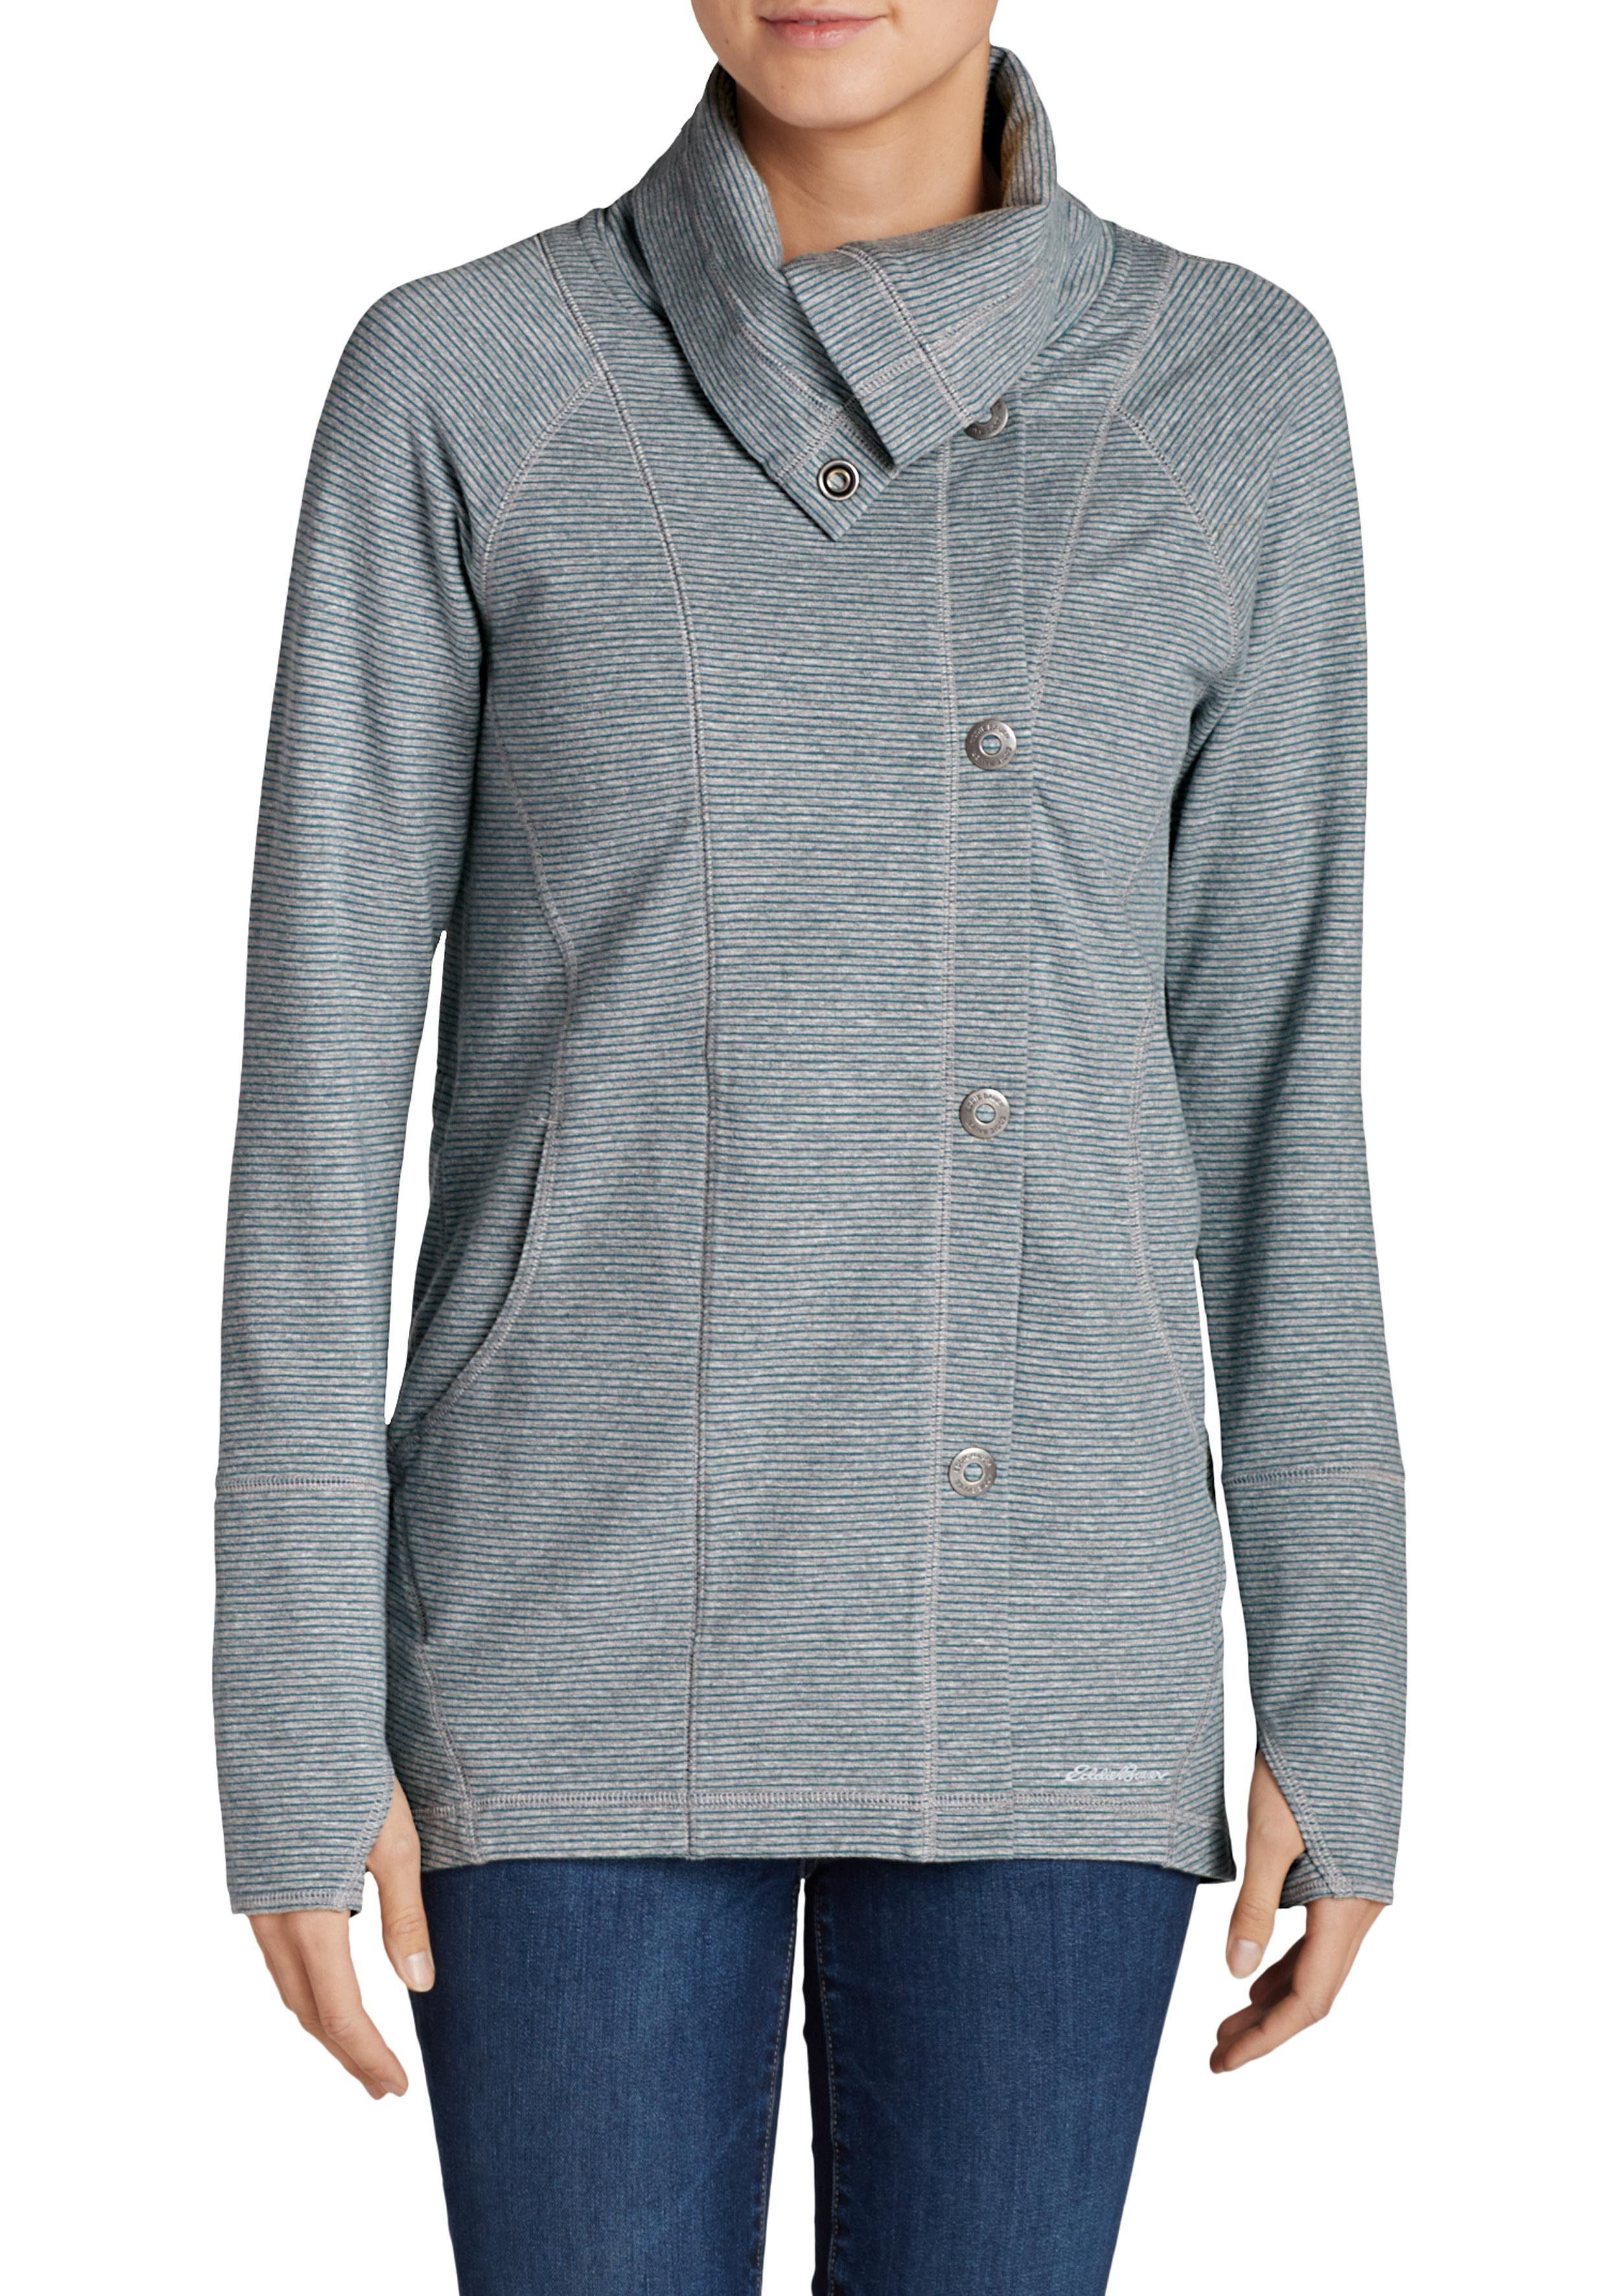 Eddie Bauer Motion Sweatshirt Summit asymmetrische Jacke